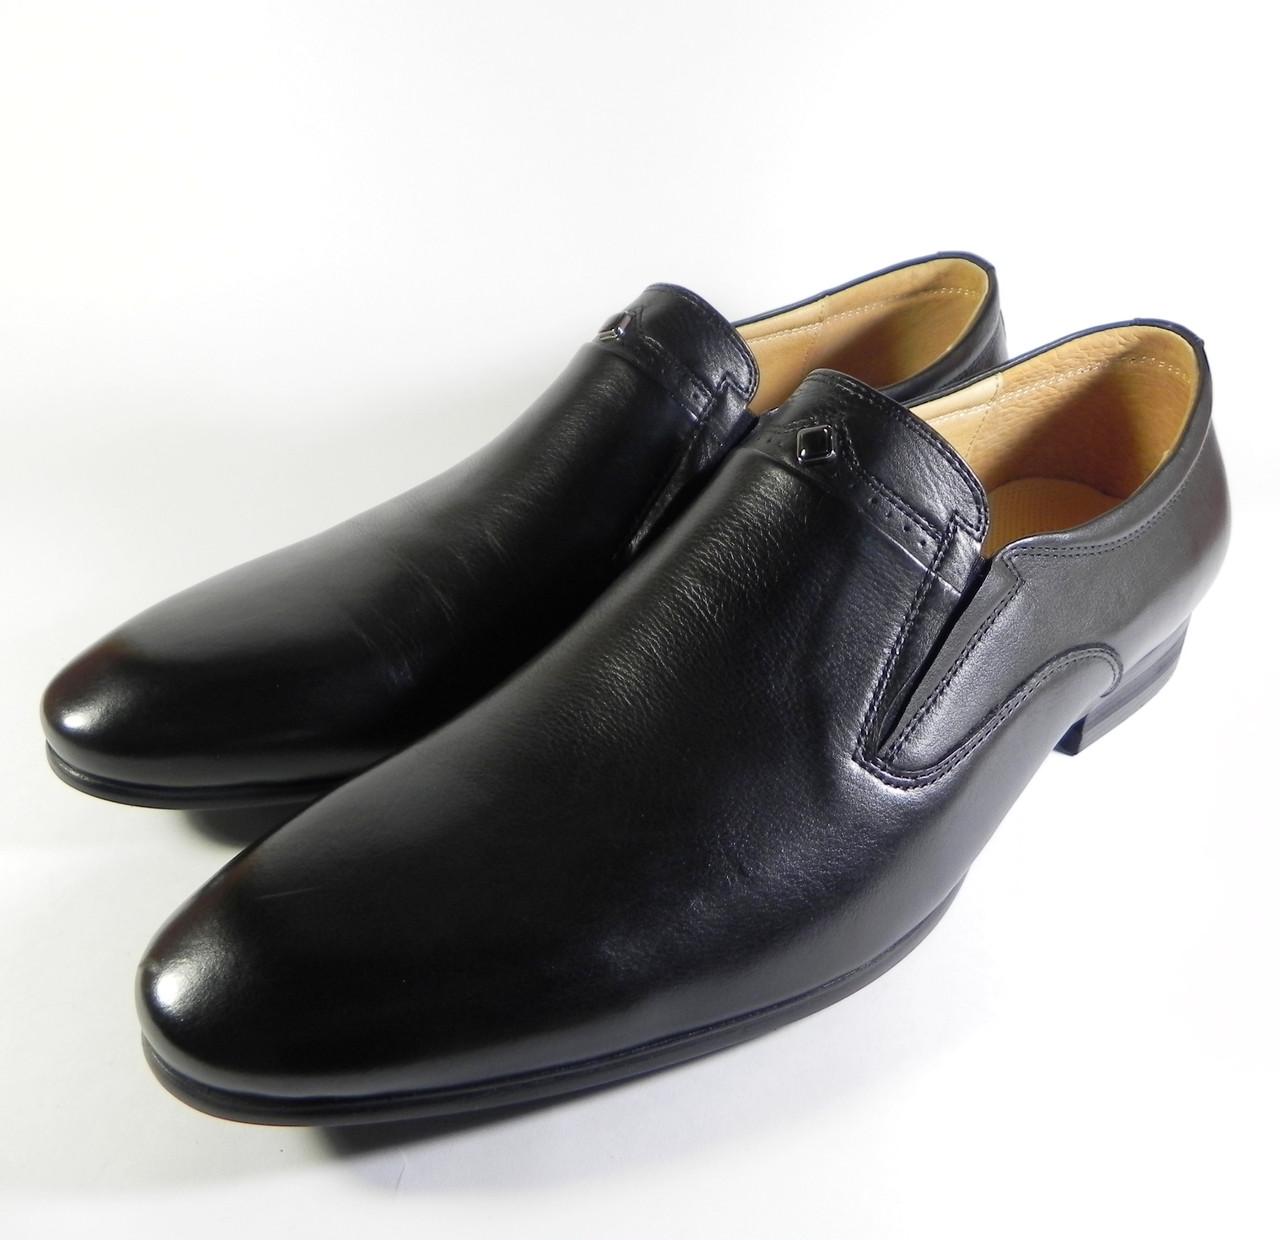 Туфли мужские Boss Victori натуральная кожа черный  продажа, цена в ... 8a72f26d56e